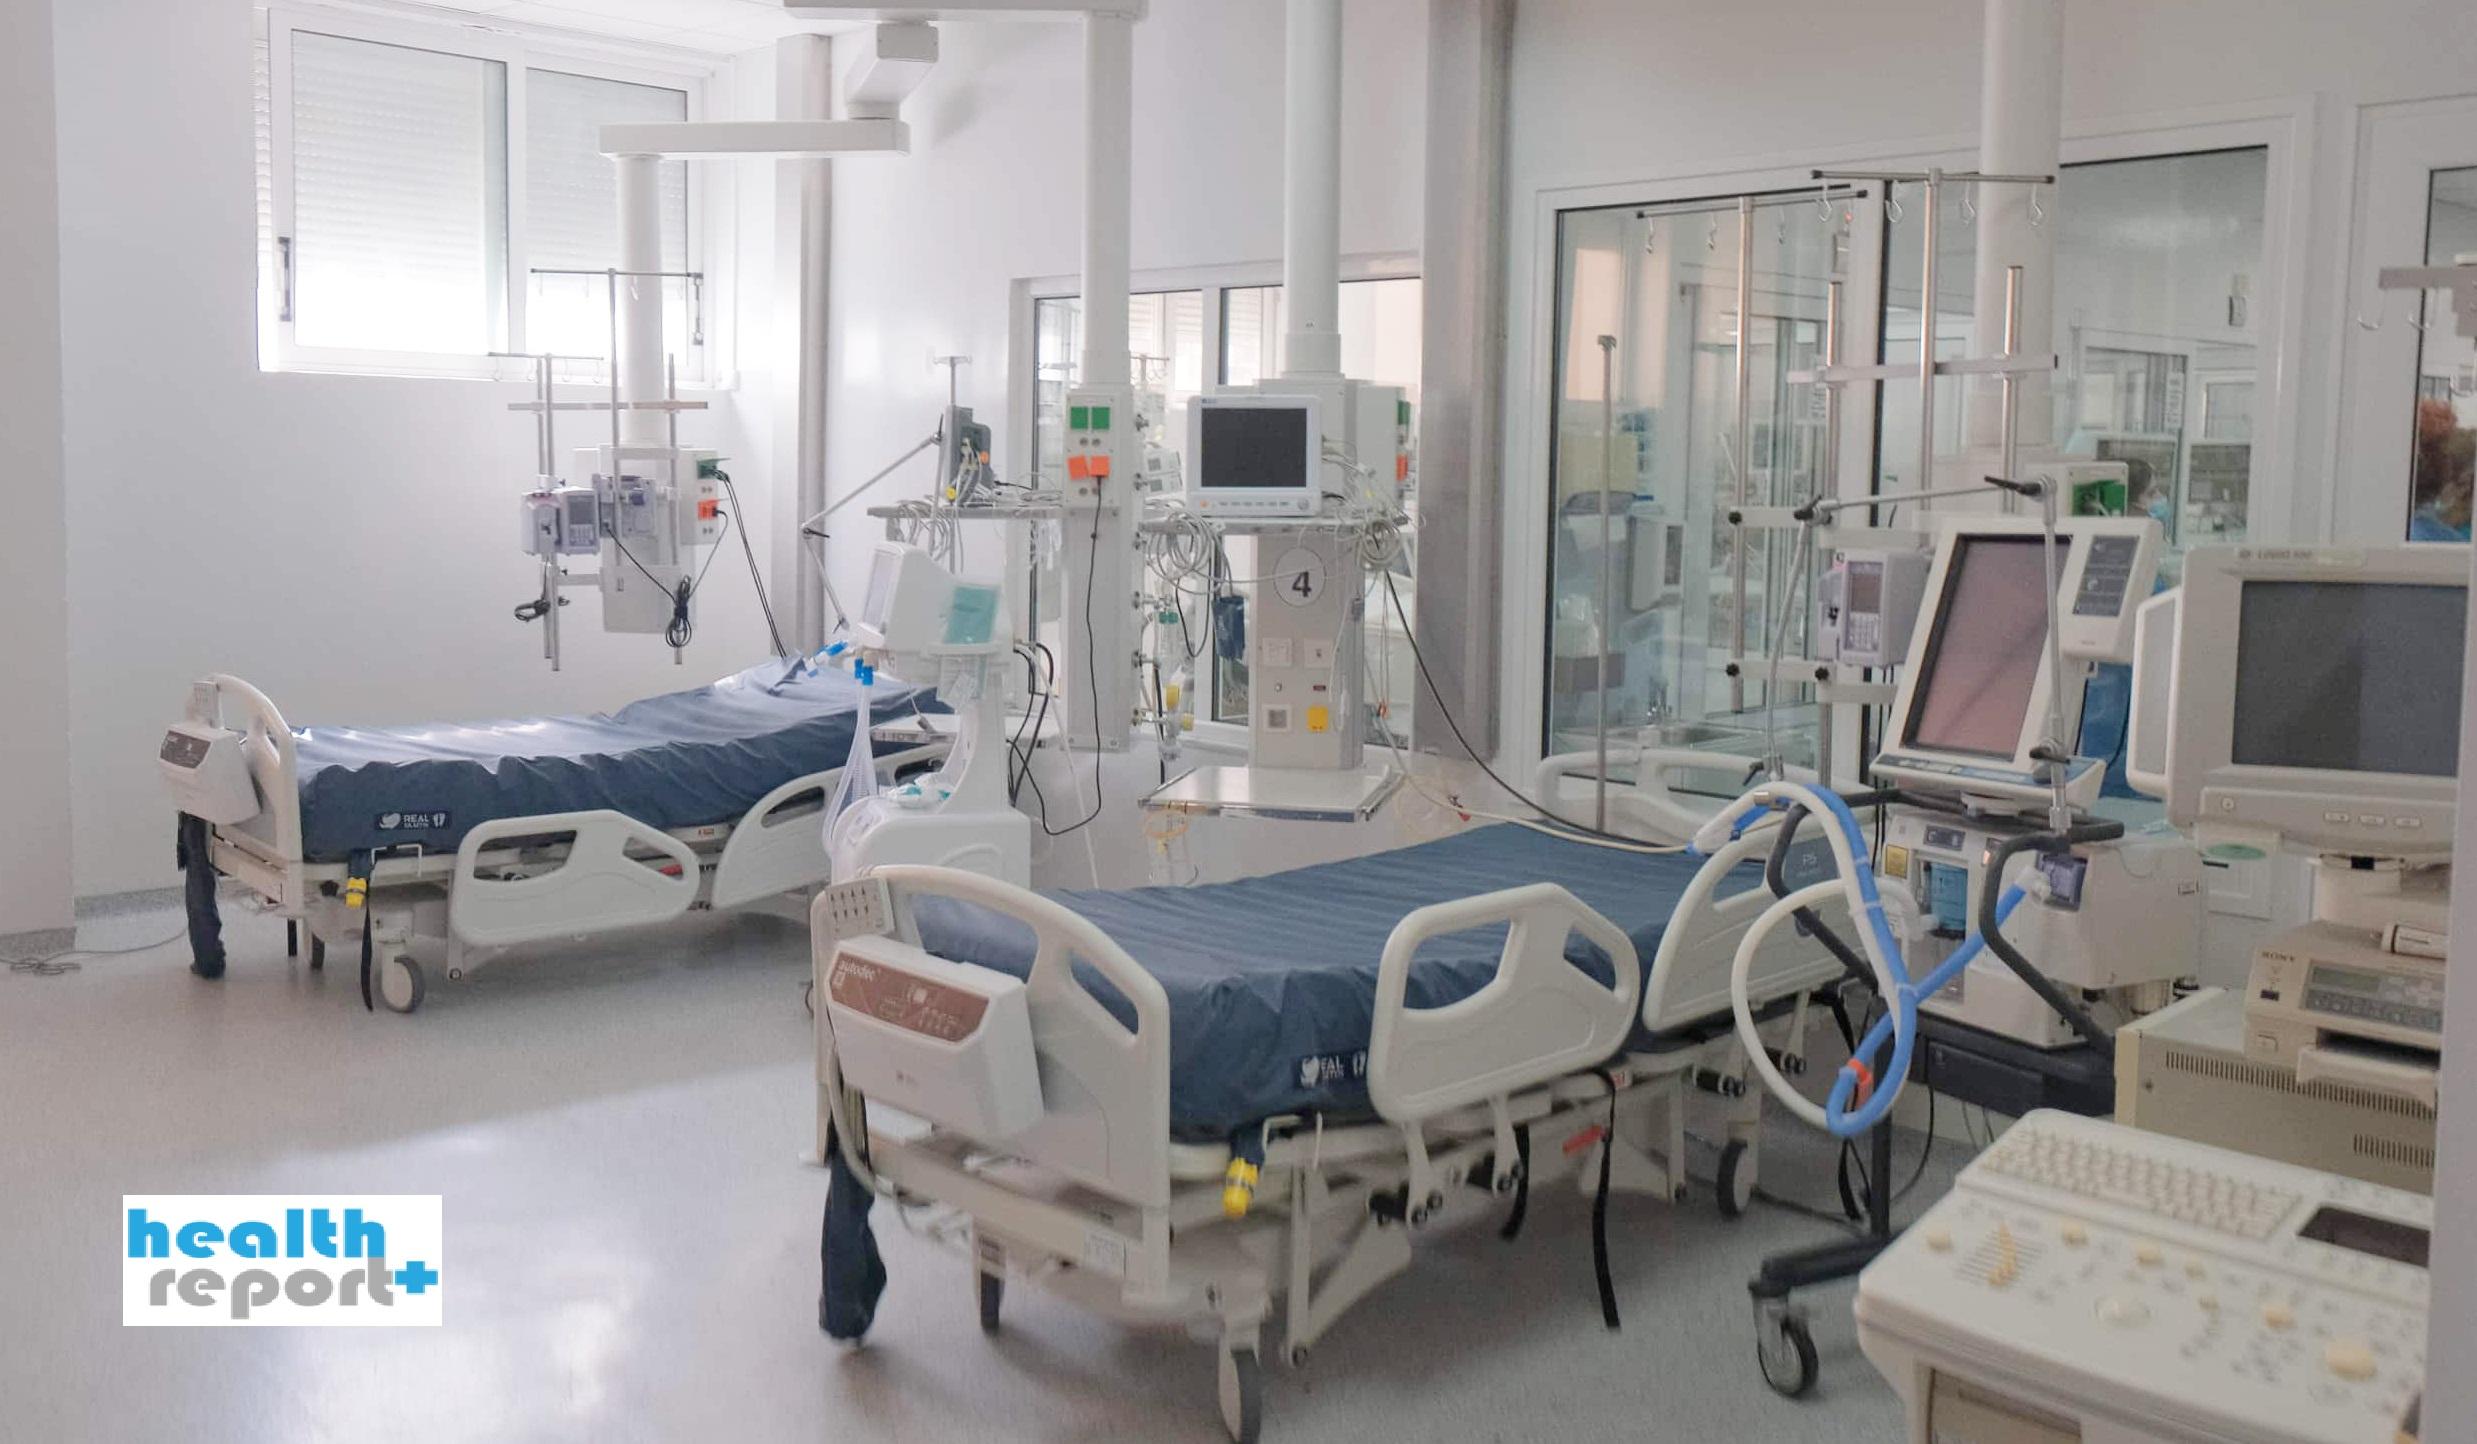 Αλλαγές στα νοσοκομεία σχεδιάζει το υπουργείο Υγείας